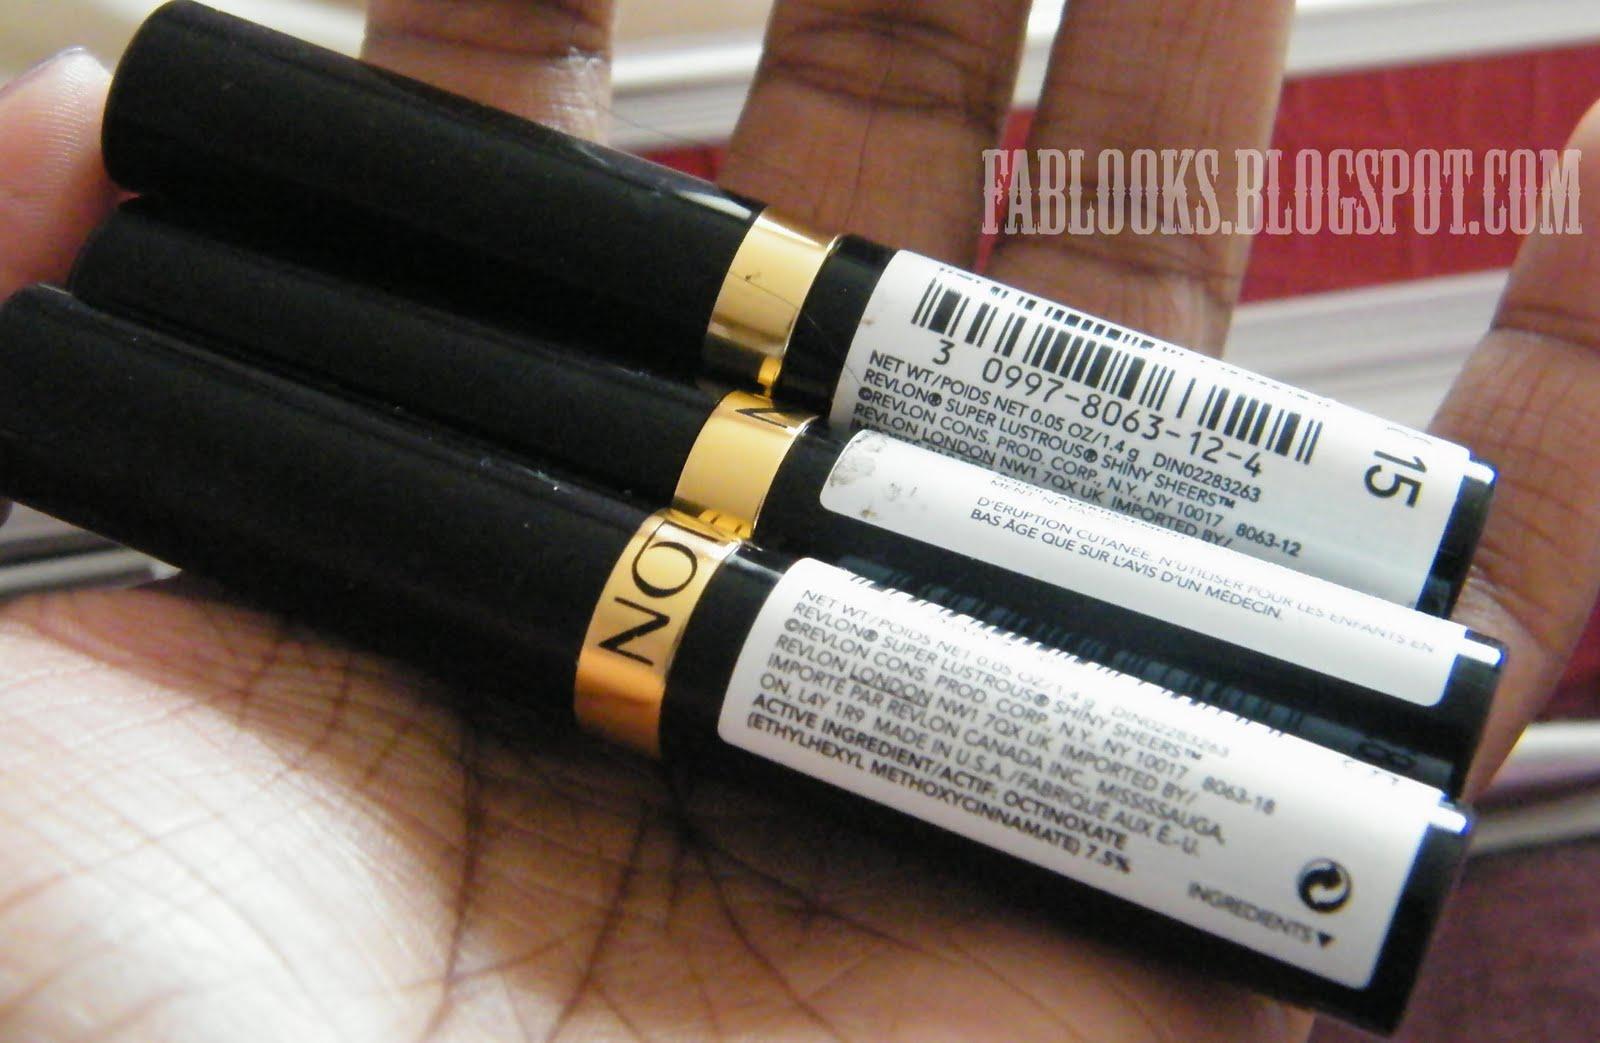 Relvon Sheer lipsticks $1.00